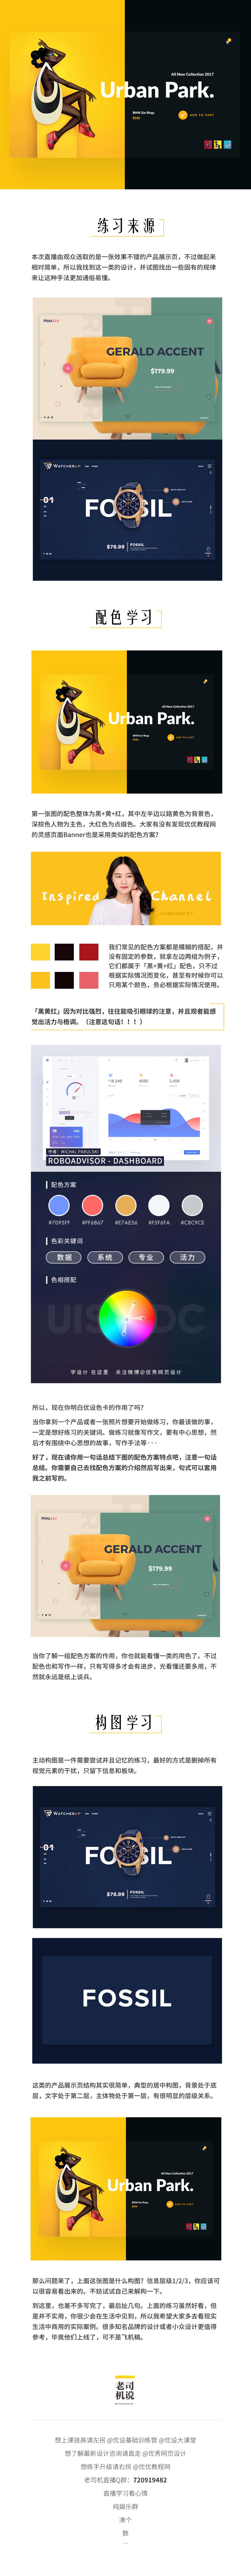 网页设计教程!时尚产品展示页设计了解一下